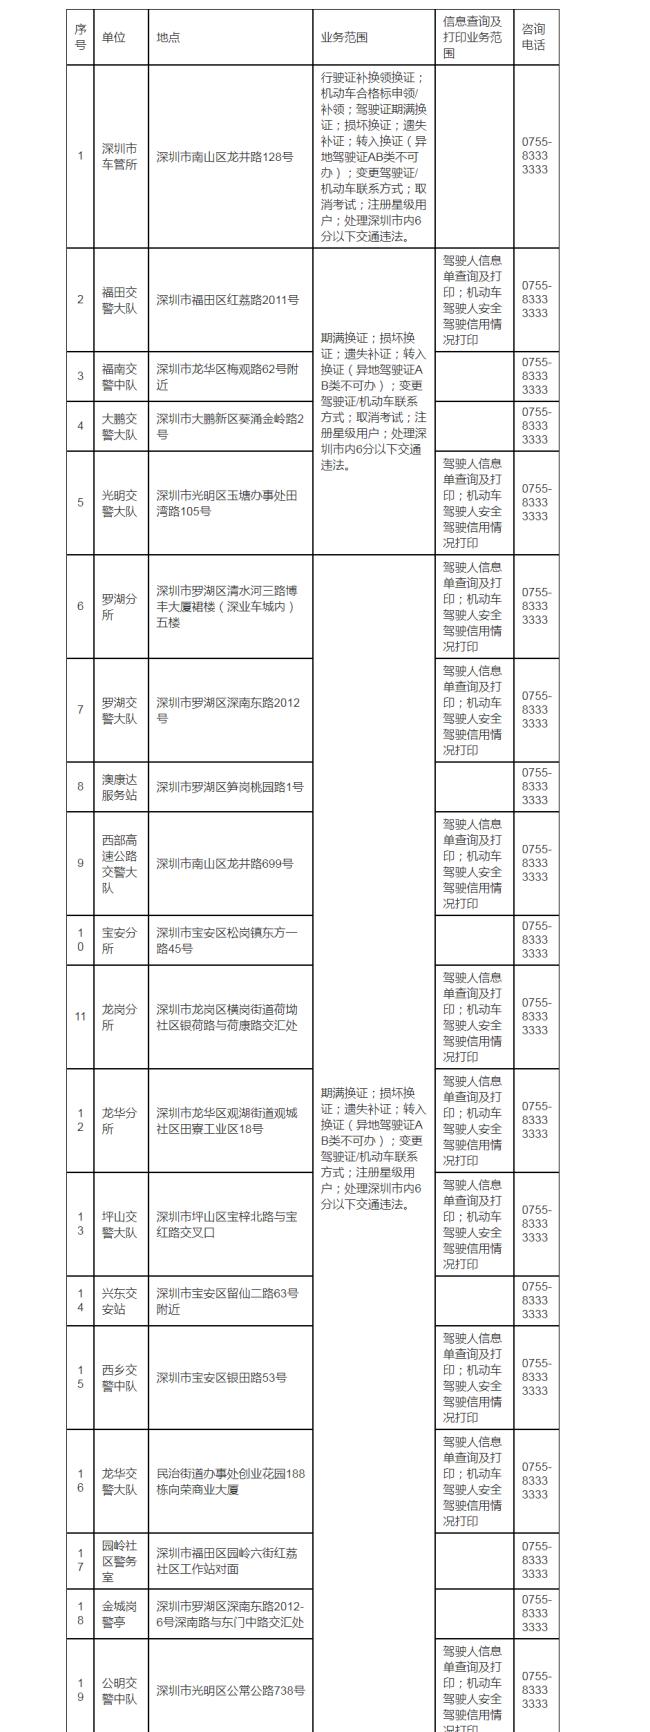 2021年深圳车驾宝放置地点在哪?(地址+电话+业务范围)